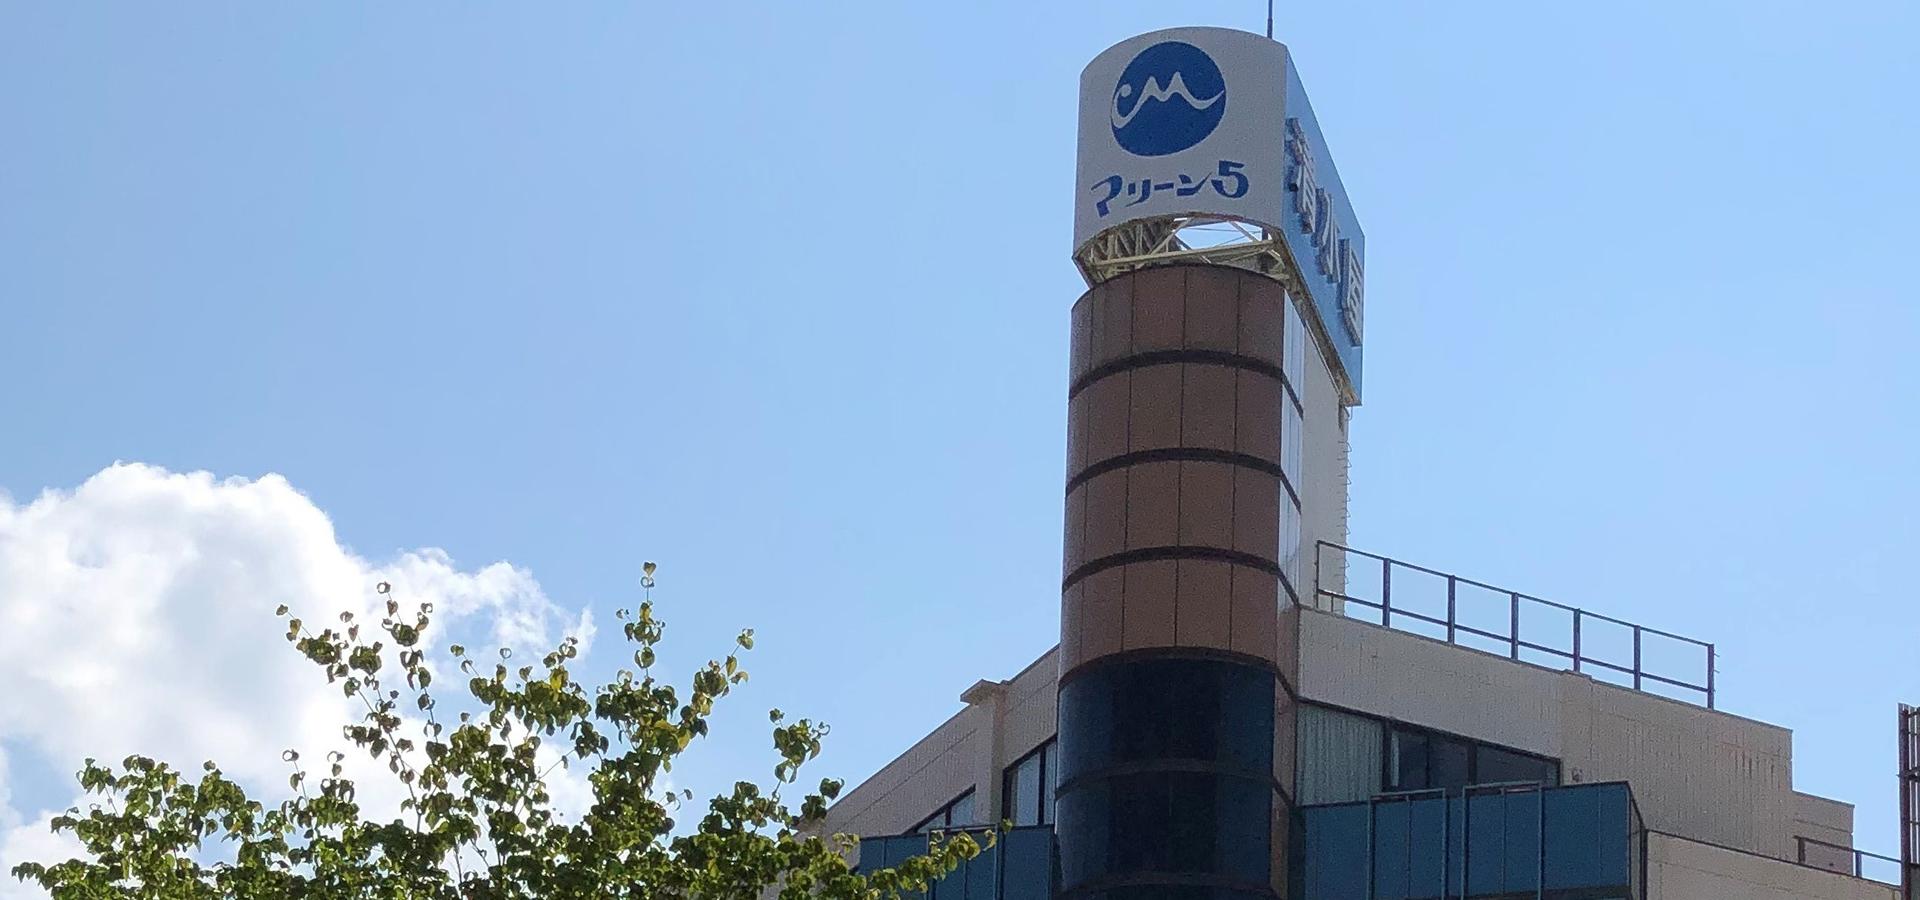 【閉店情報(7月中旬】マリーン5清水屋(酒田市中町)が閉店予定